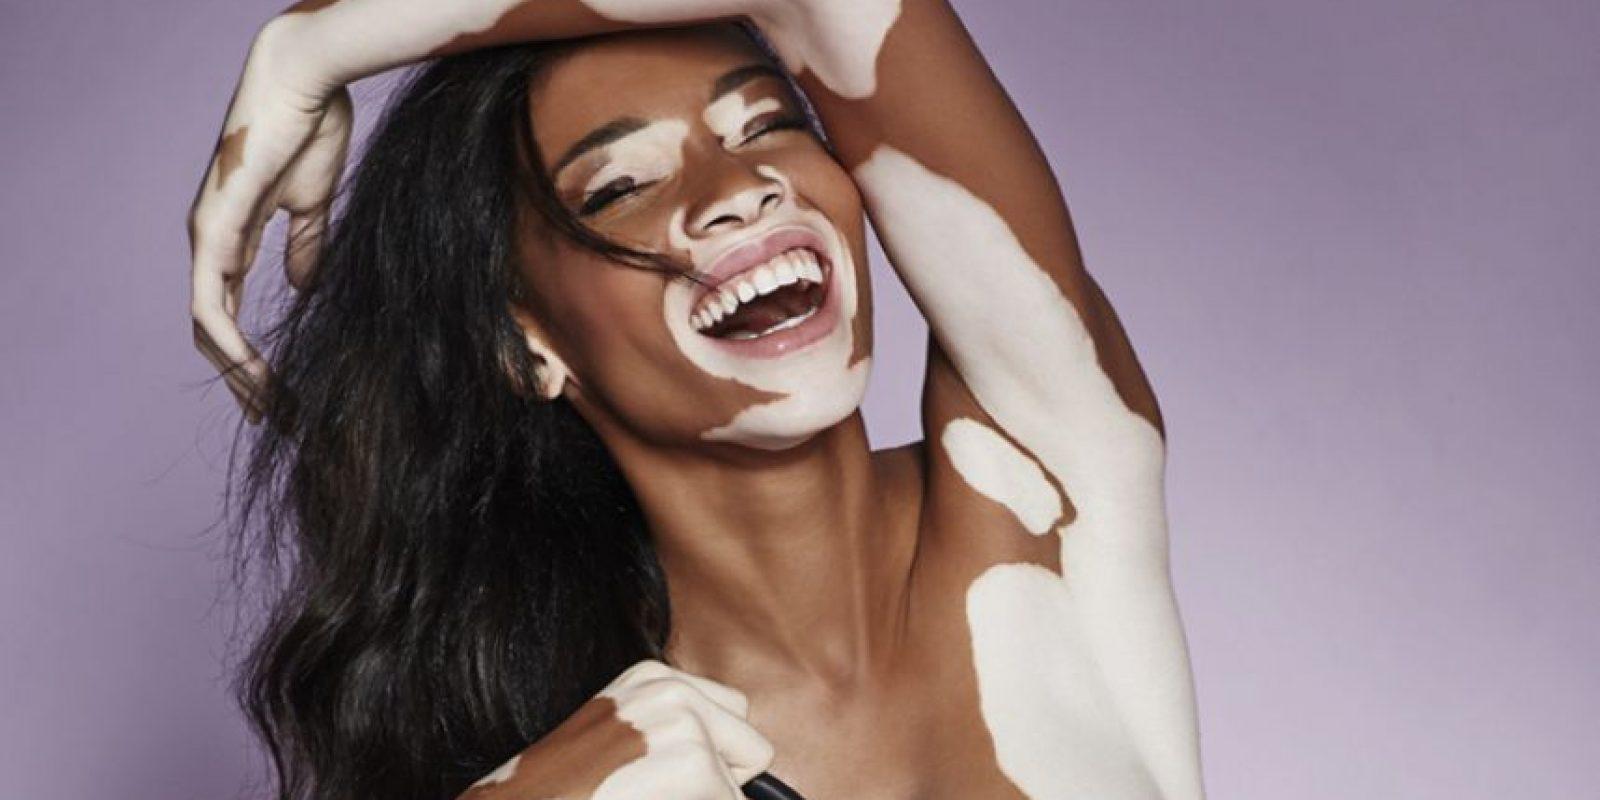 Datos que debes saber sobre vitiligo • El vitiligo no es una enfermedad contagiosa.• Tener vitíligo no es sinónimo de muerte, es decir, esta afección no mata.• Se desconocen las causas de esta condición en la piel. Algunos especialistas lo han vinculado a factores hereditarios.• No tiene cura. Algunas personas optan por recibir tratamiento para conservar la estética de la piel, sin embargo, algunos dermatólogos entienden que el mejor tratamiento es dejar que la afección progrese de manera natural sin interferencias.• Se puede presentar a cualquier edad, sin embargo, tiene mayor incidencia en las personas que tienen entre 10 y 30 años de edad.• Las manchas blancas suelen empezar en las manos y luego en el rostro. Hay quienes en poco tiempo tienen todo el cuerpo despigmentado y podrían parecer albinos.• El vitiligo no afecta otros órganos. Tiene mayor incidencia en las emociones de la persona que lo padece y de quienes le rodean. Se recomienda, en estos casos, psicoterapias. Foto:Fuente externa